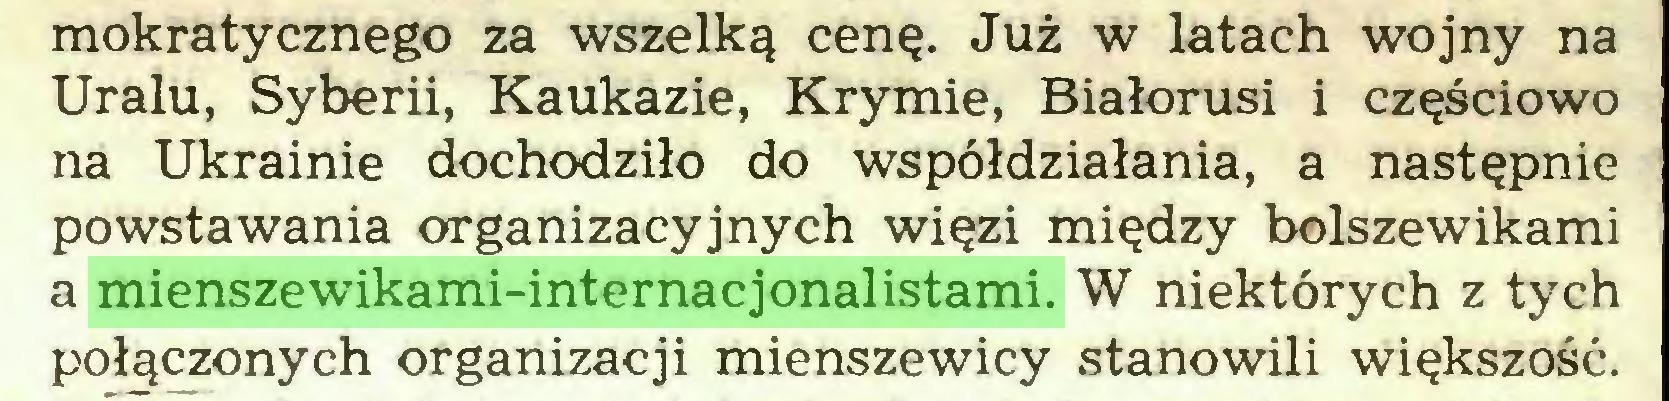 (...) mokratycznego za wszelką cenę. Już w latach wojny na Uralu, Syberii, Kaukazie, Krymie, Białorusi i częściowo na Ukrainie dochodziło do współdziałania, a następnie powstawania organizacyjnych więzi między bolszewikami a mienszewikami-internacjonalistami. W niektórych z tych połączonych organizacji mienszewicy stanowili większość...